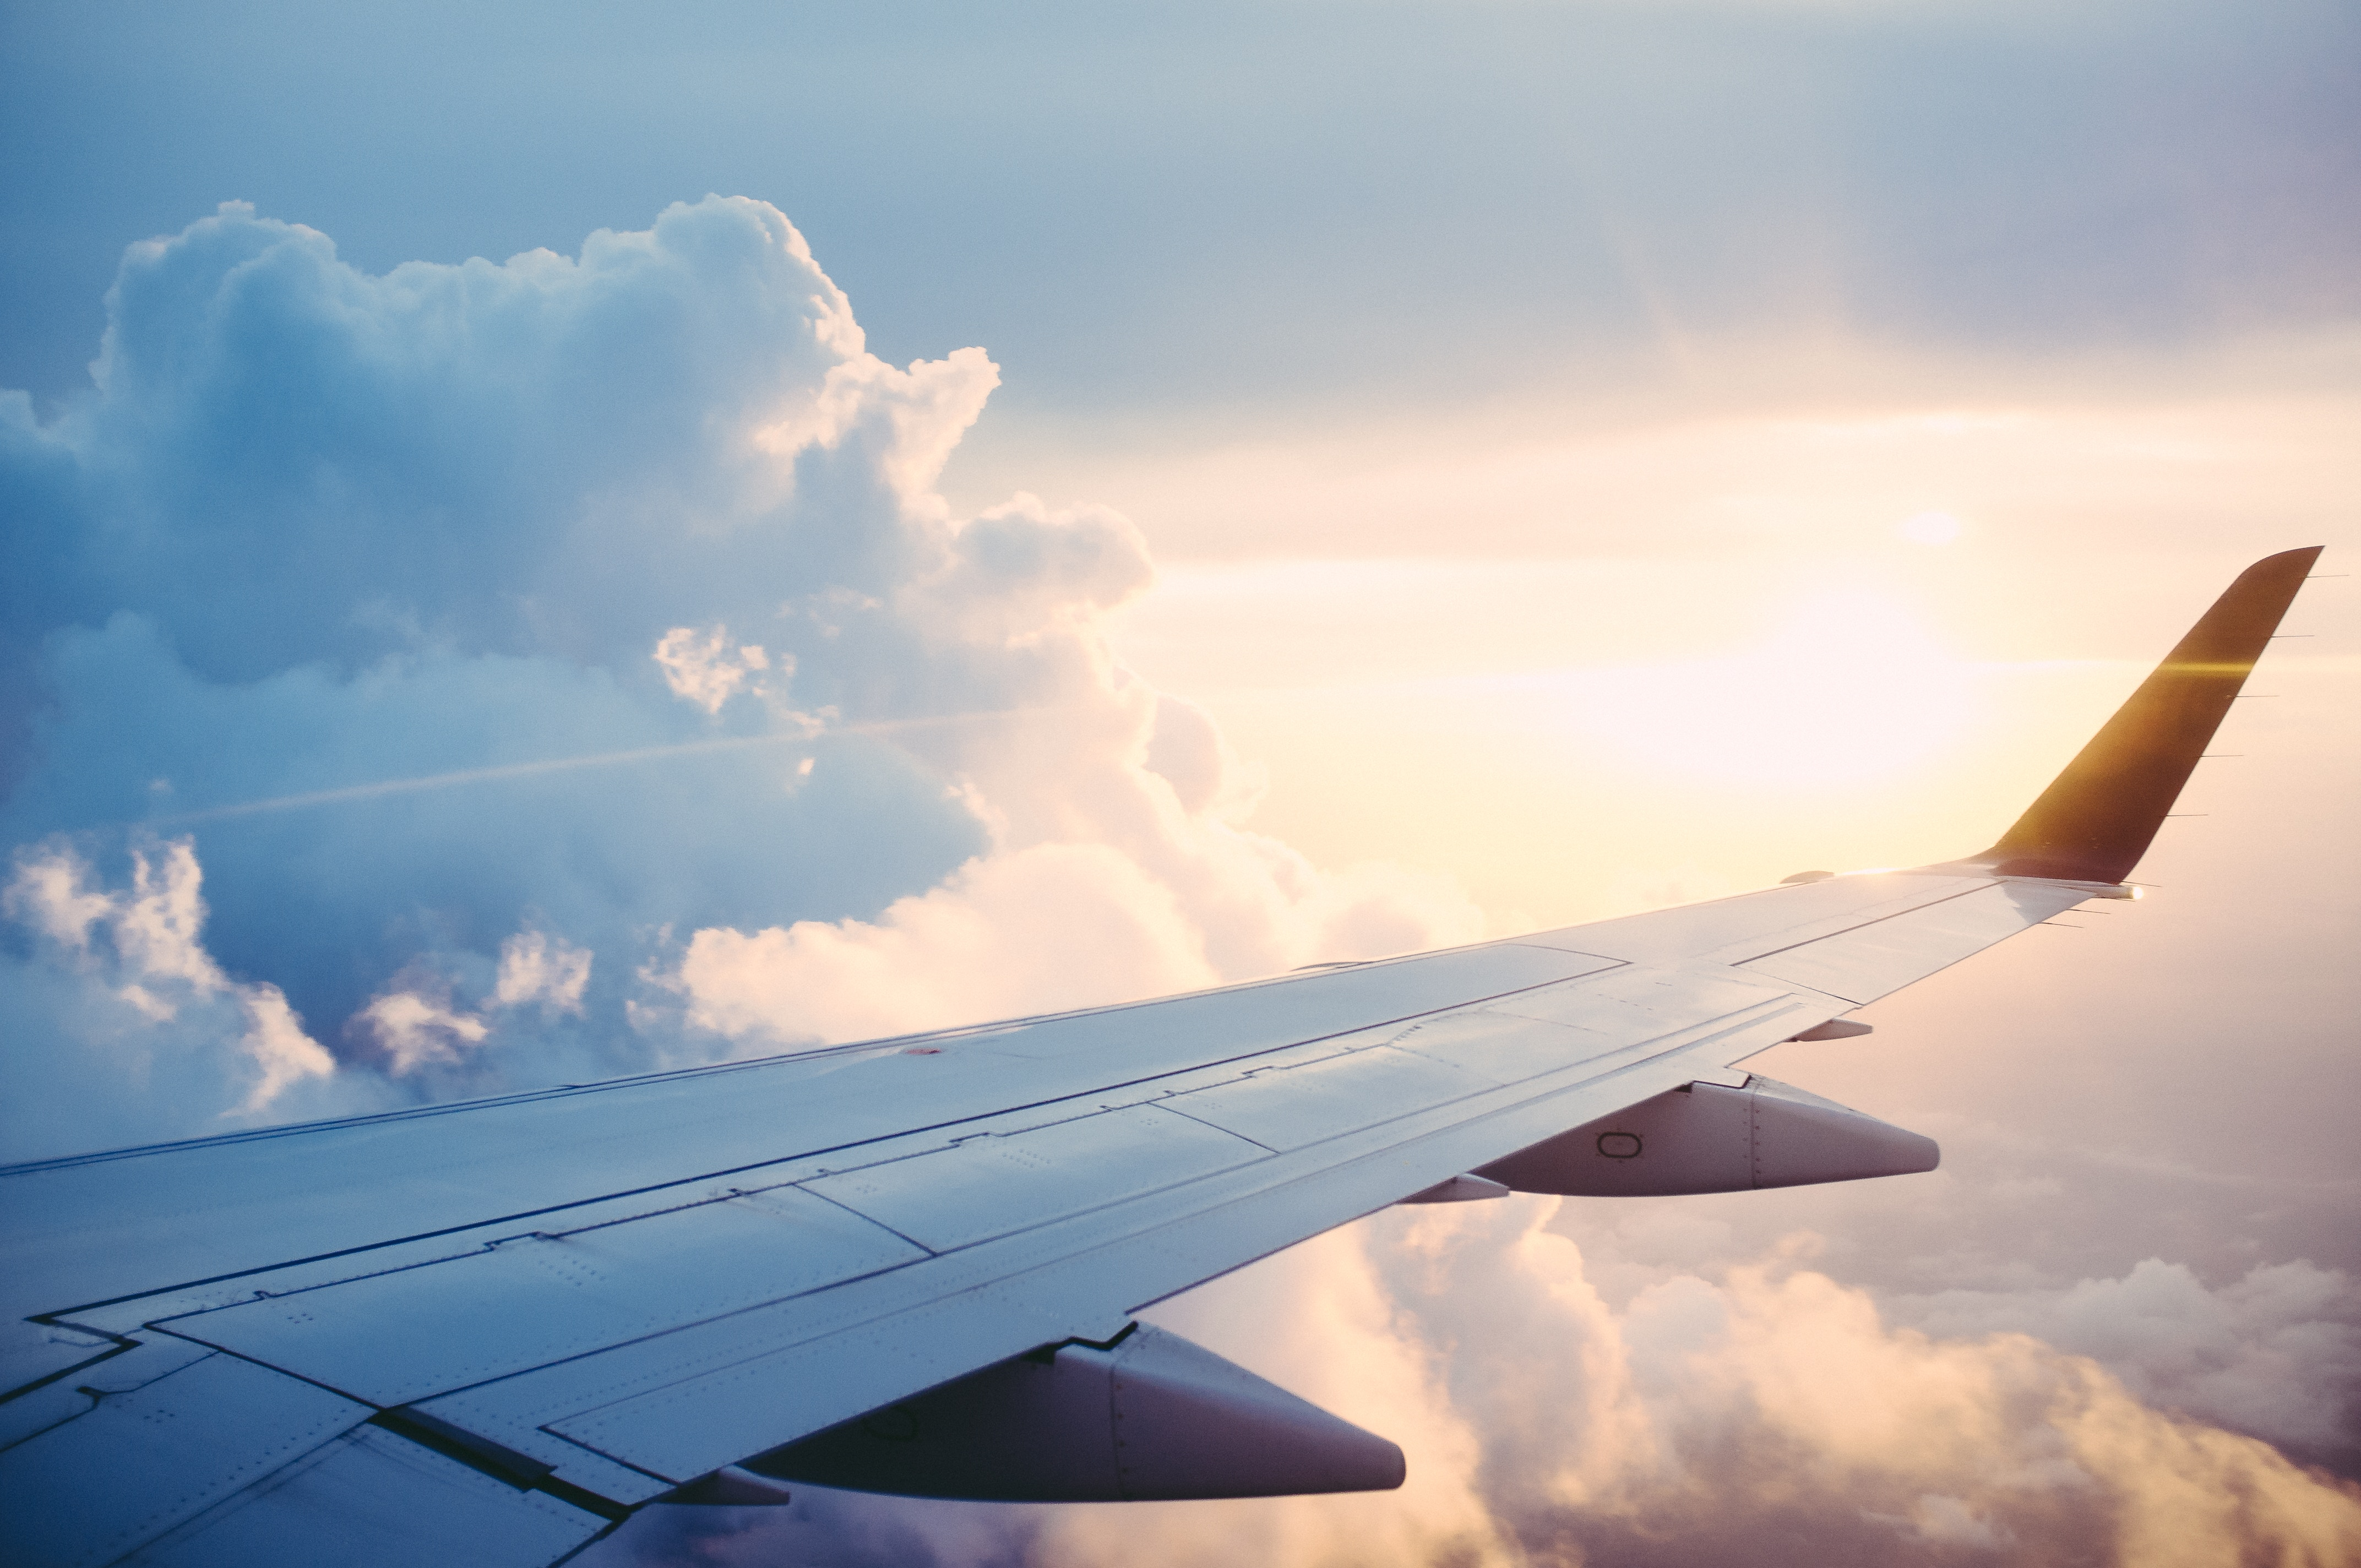 билетов будапешт фото полет самолета в небе можно делать время